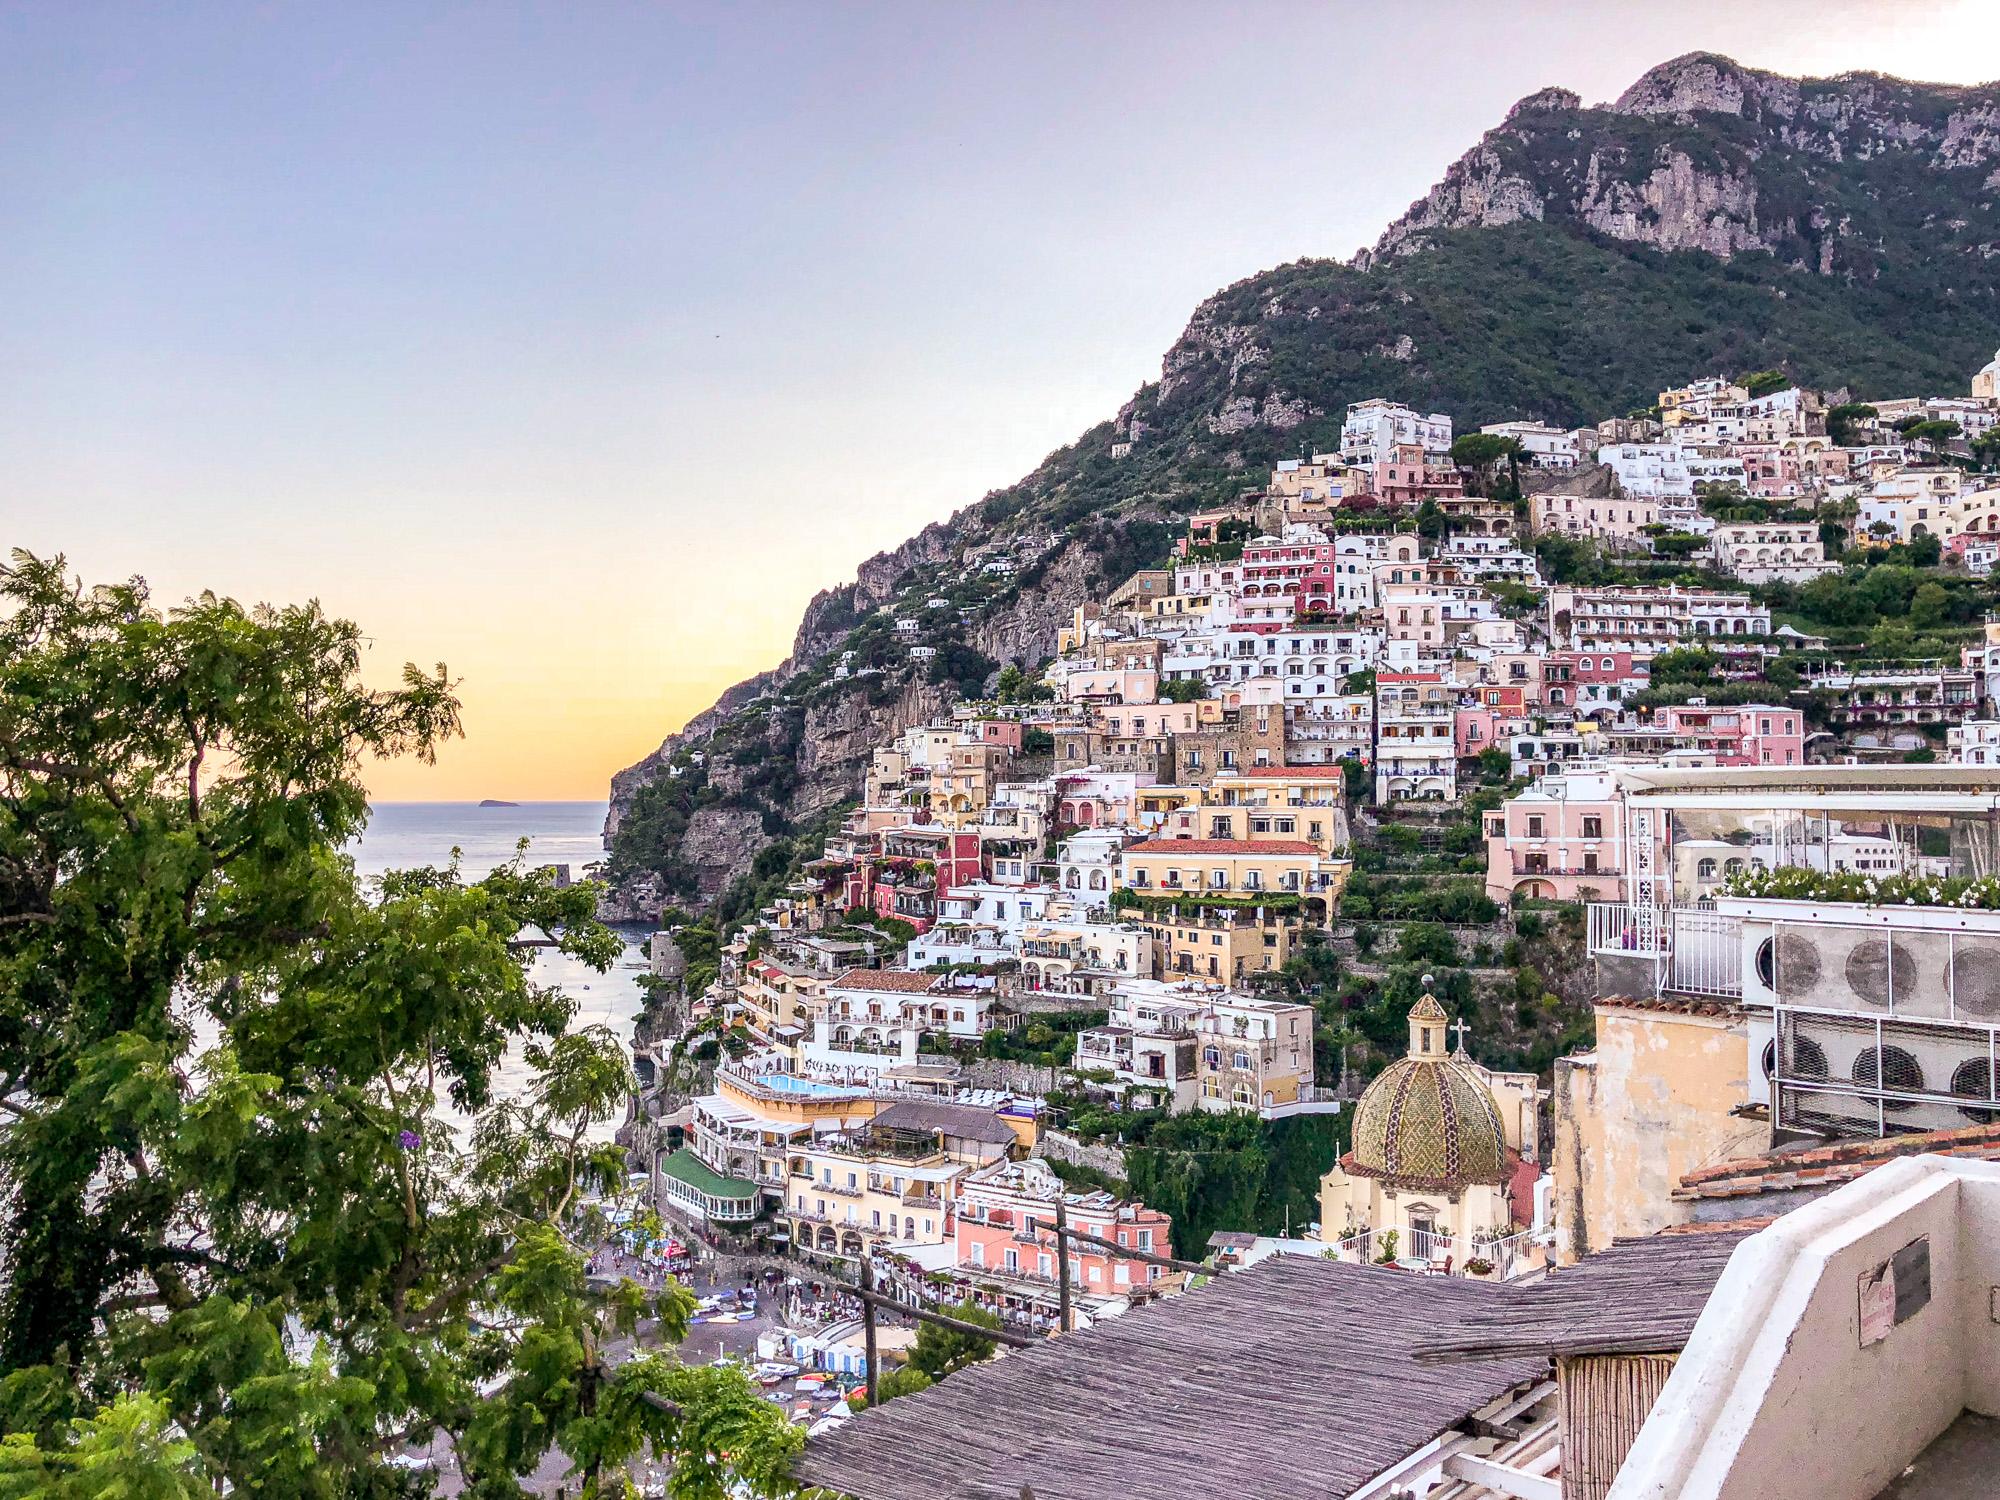 Positano - czy warto tam pojechać i czy jest warte swojej ceny? Hotele, jedzenie i co zrobić, aby wyjazd nie był aż taki drogi